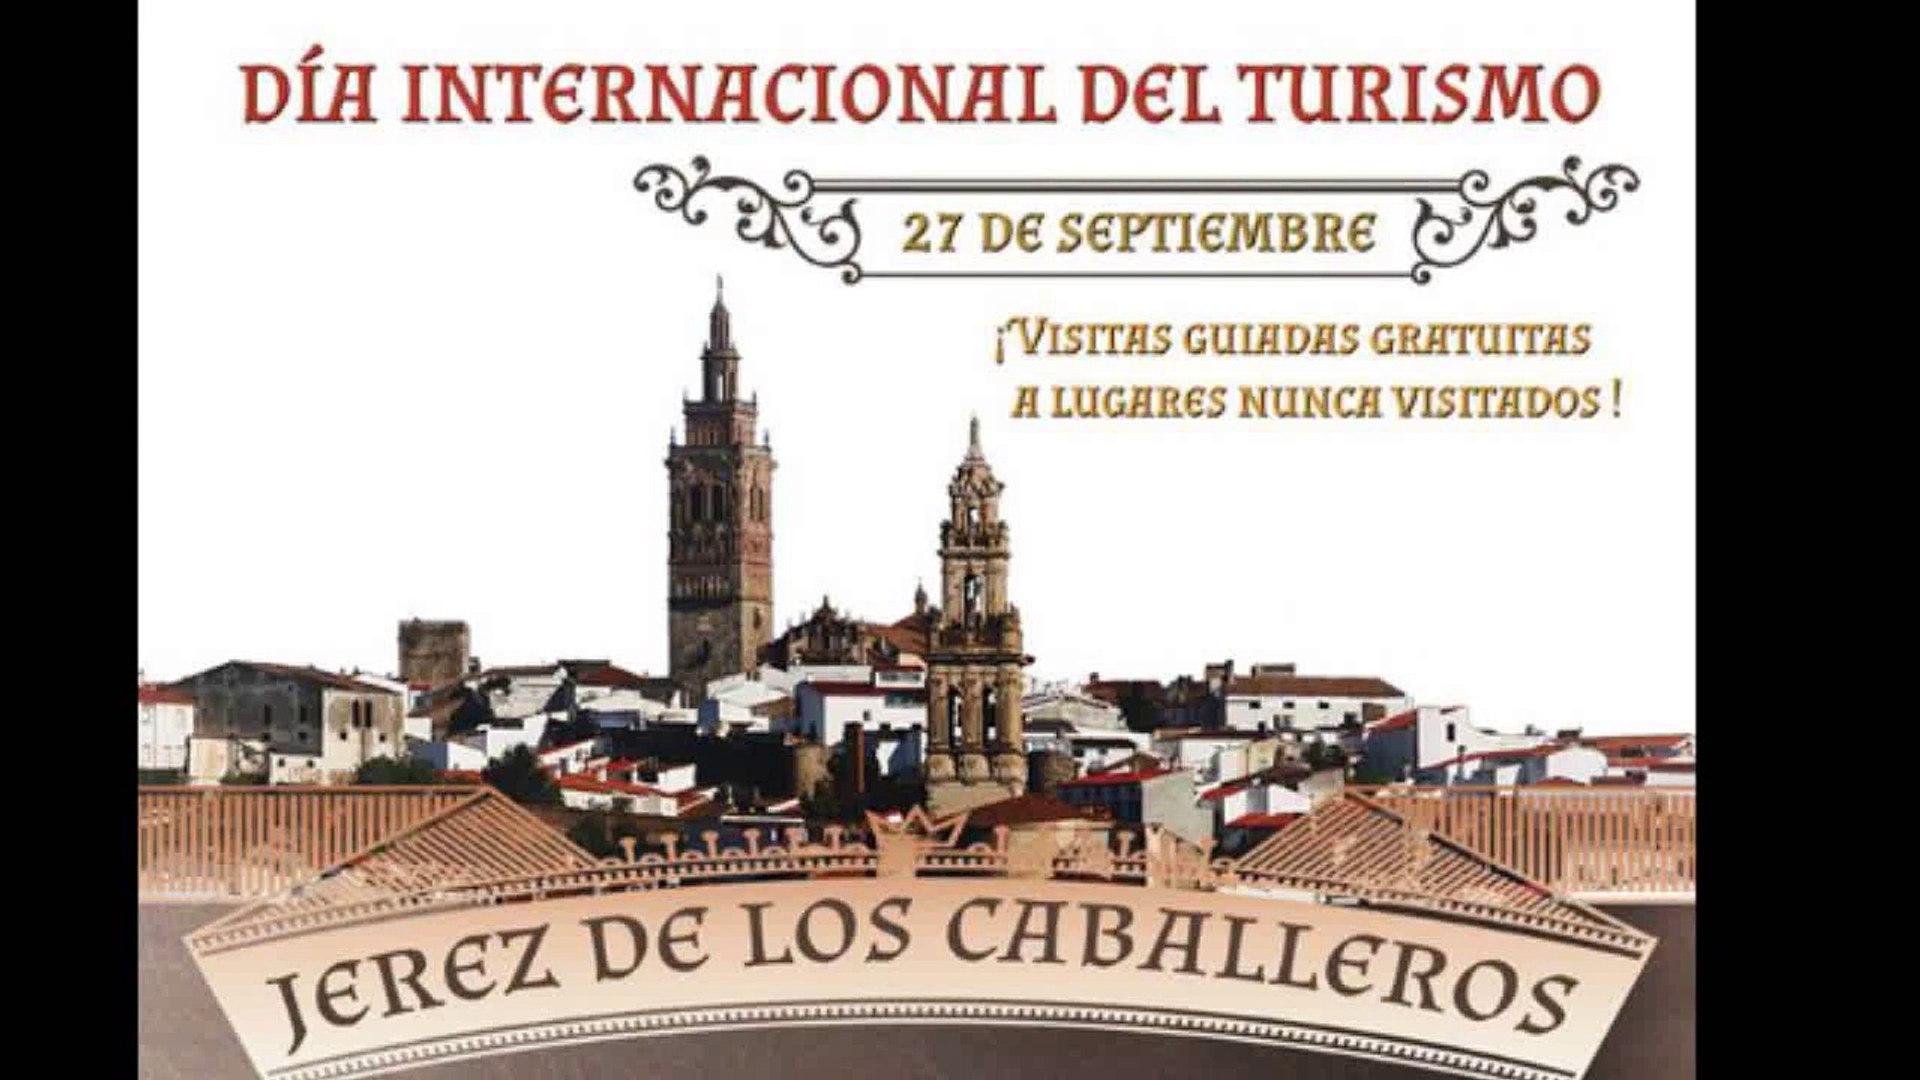 Día Internacional del Turismo. Domingo 27 de septiembre Jerez de los Caballeros